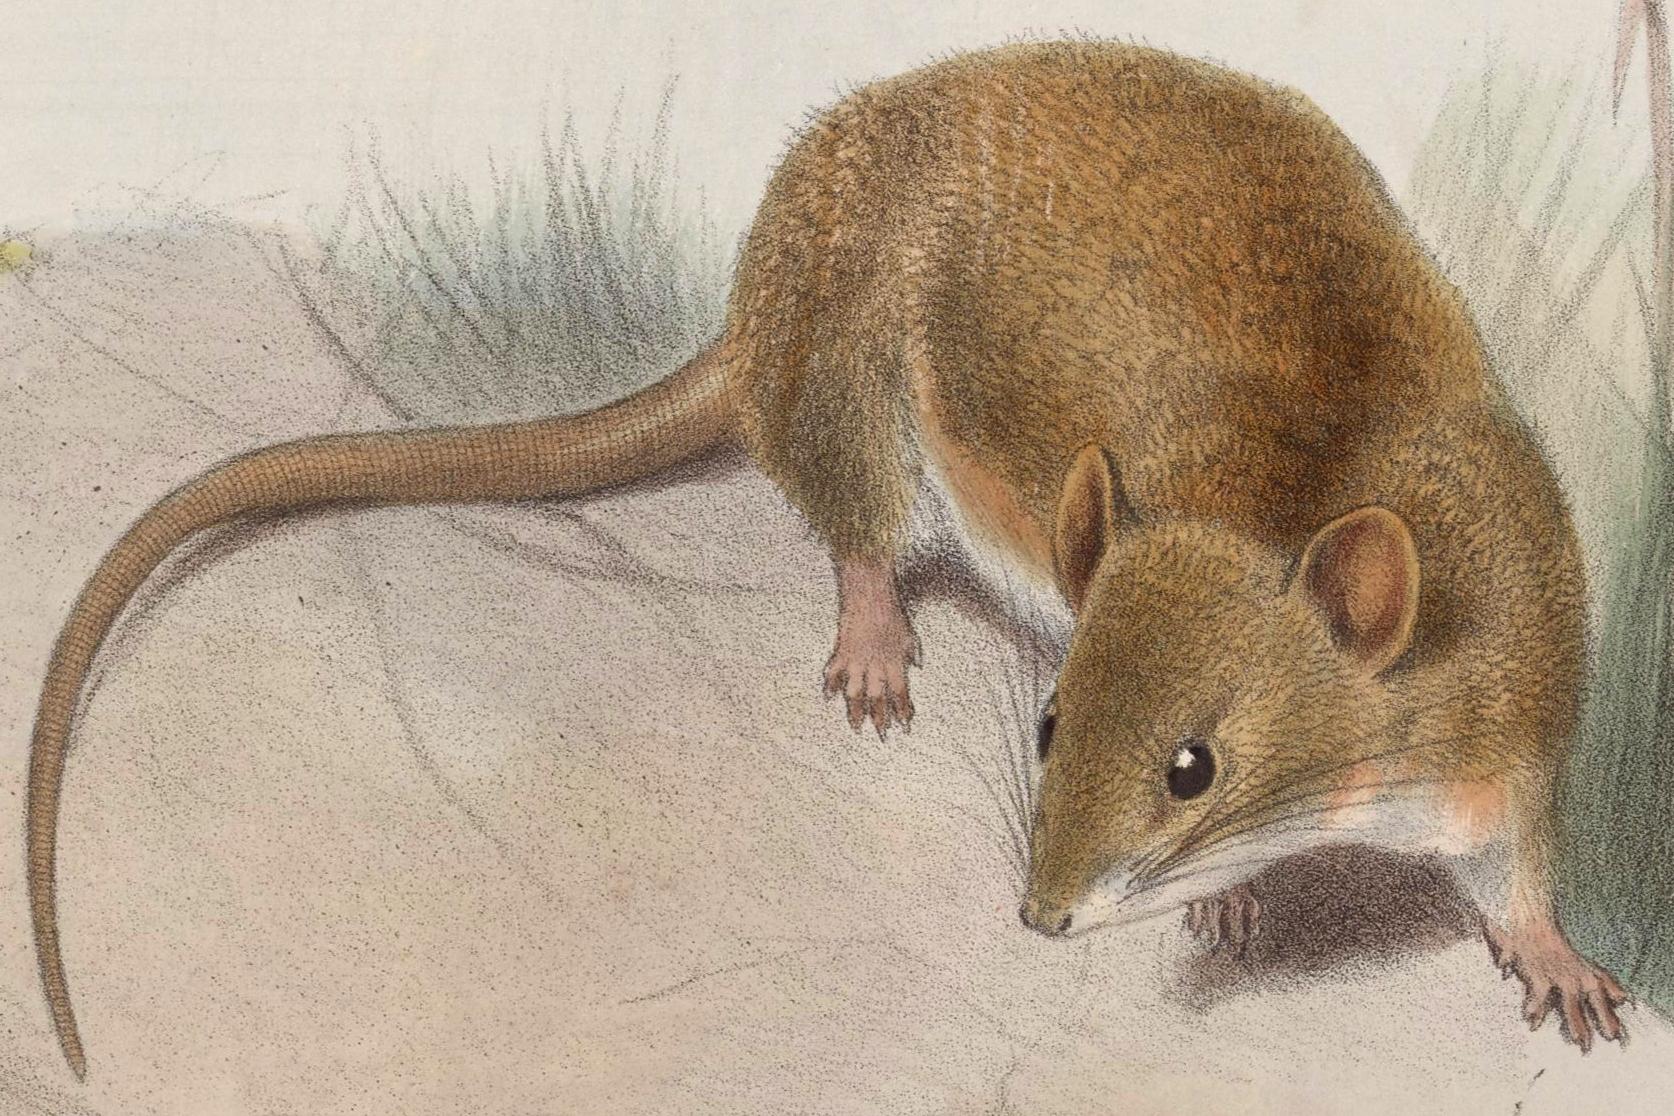 Oryzomys couesi - Wikipedia